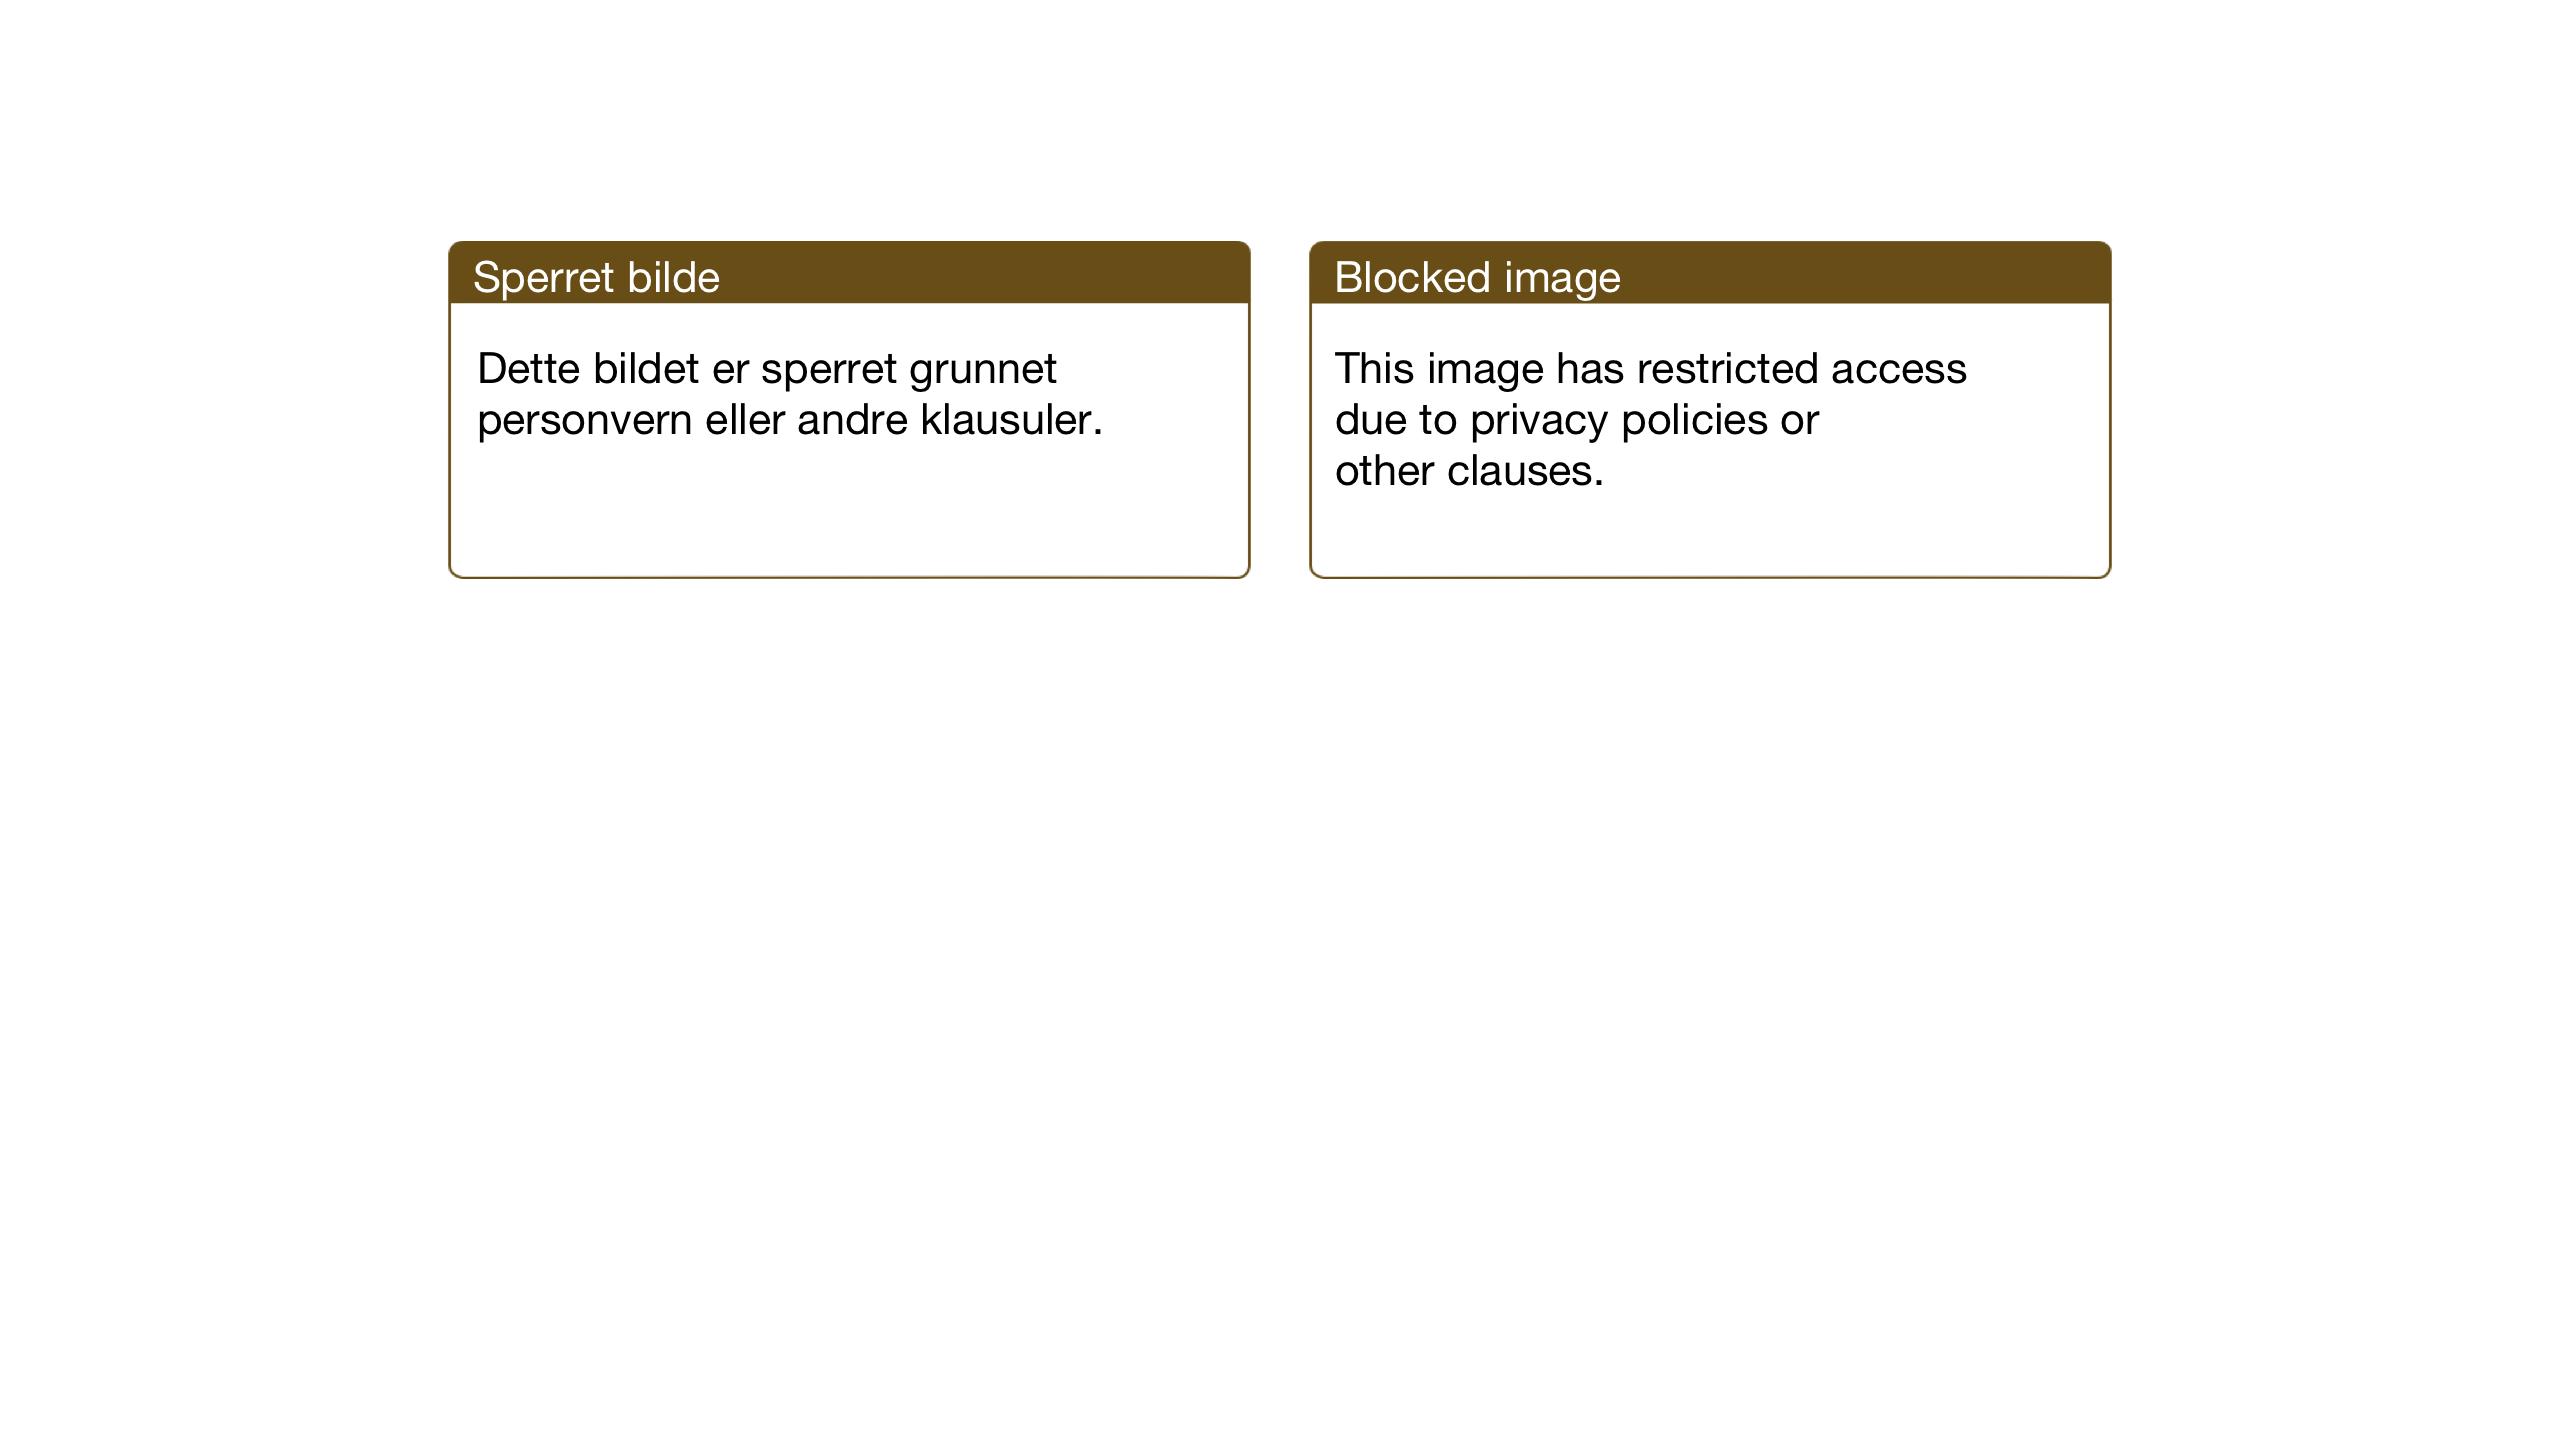 SAT, Ministerialprotokoller, klokkerbøker og fødselsregistre - Nord-Trøndelag, 746/L0456: Klokkerbok nr. 746C02, 1936-1948, s. 47